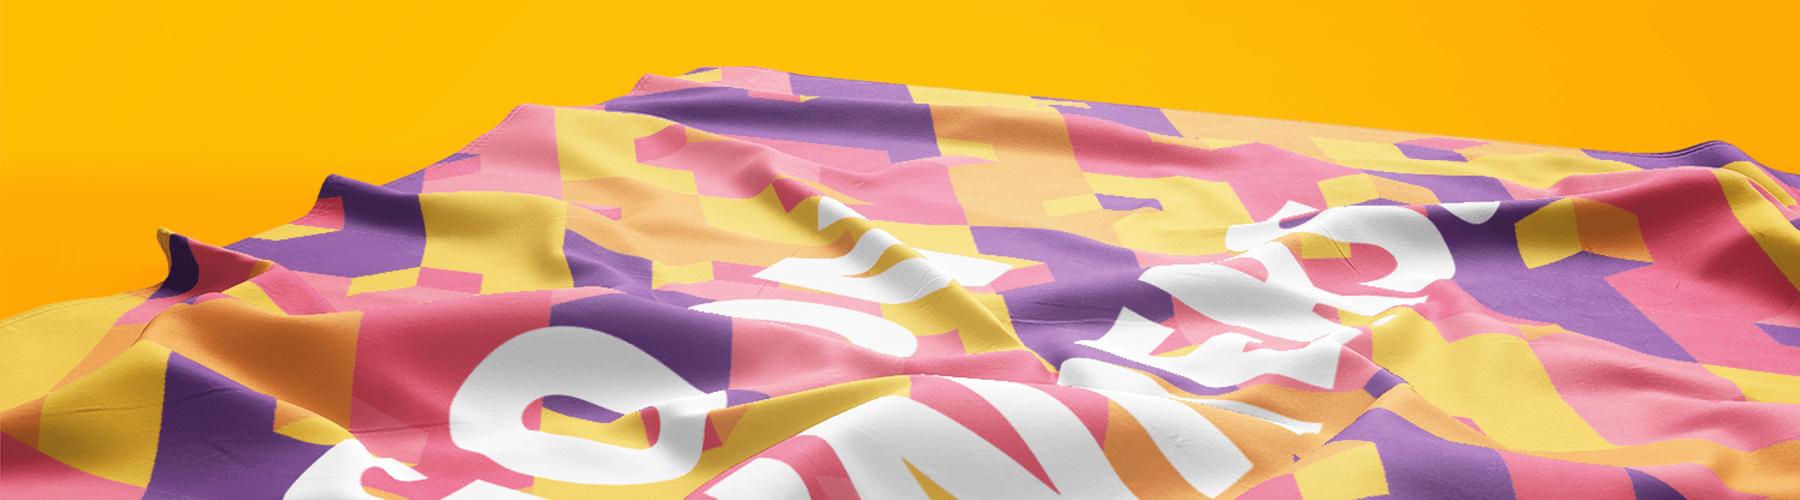 7 Reglas Para un Diseño de Banderas Efectivo